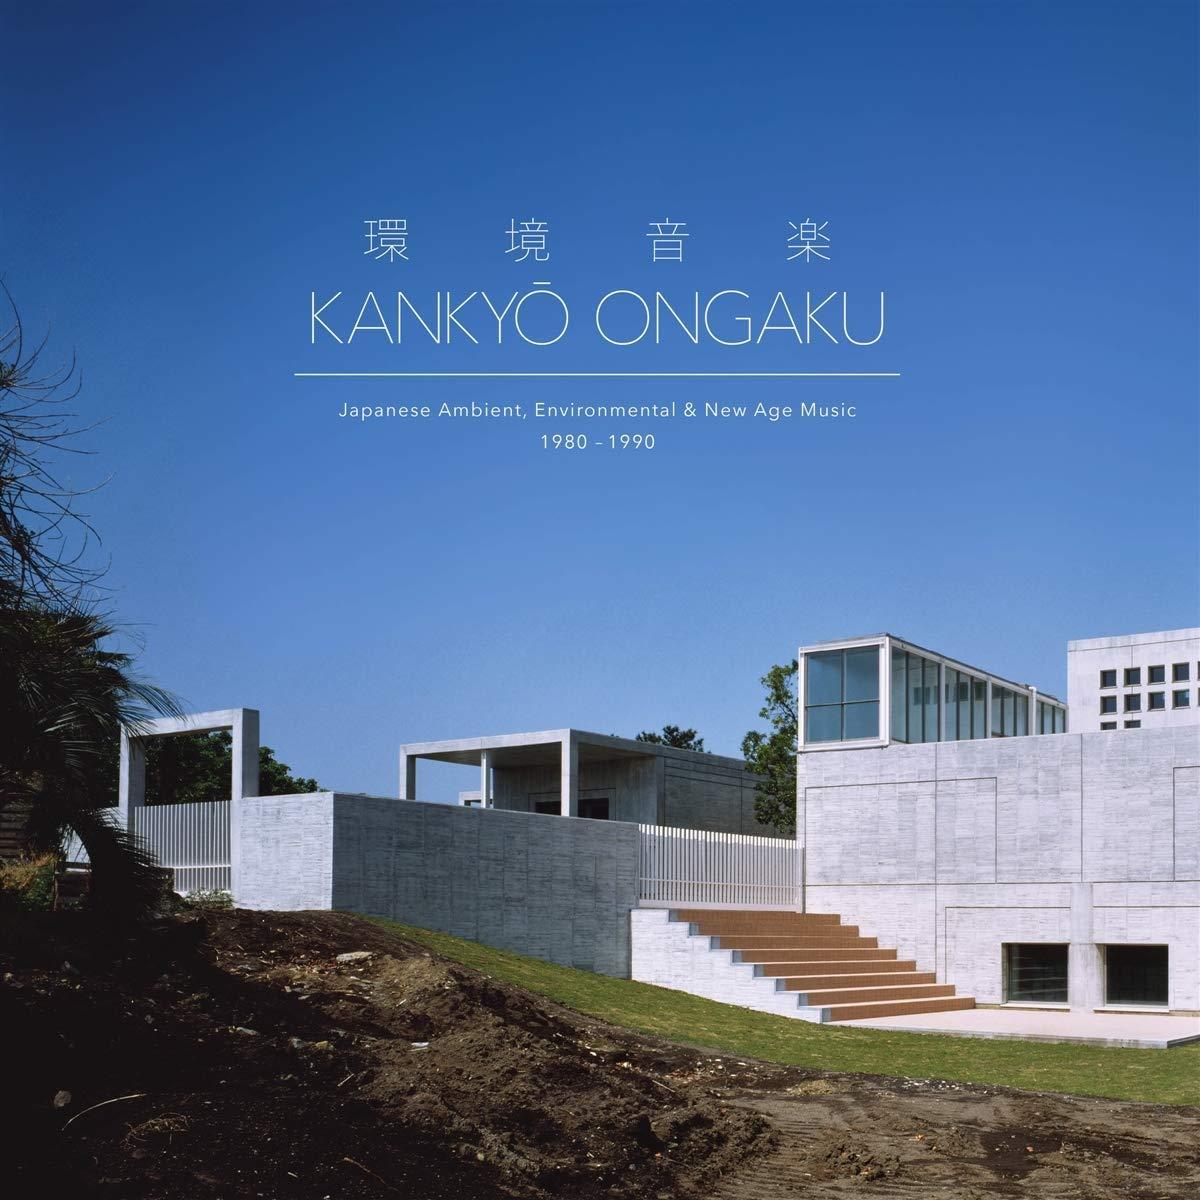 Kankyo Ongaku: Japanese Ambient Environmental & -Kankyo Ongaku: Japanese Ambient Environmental & New Age Music 1980-90